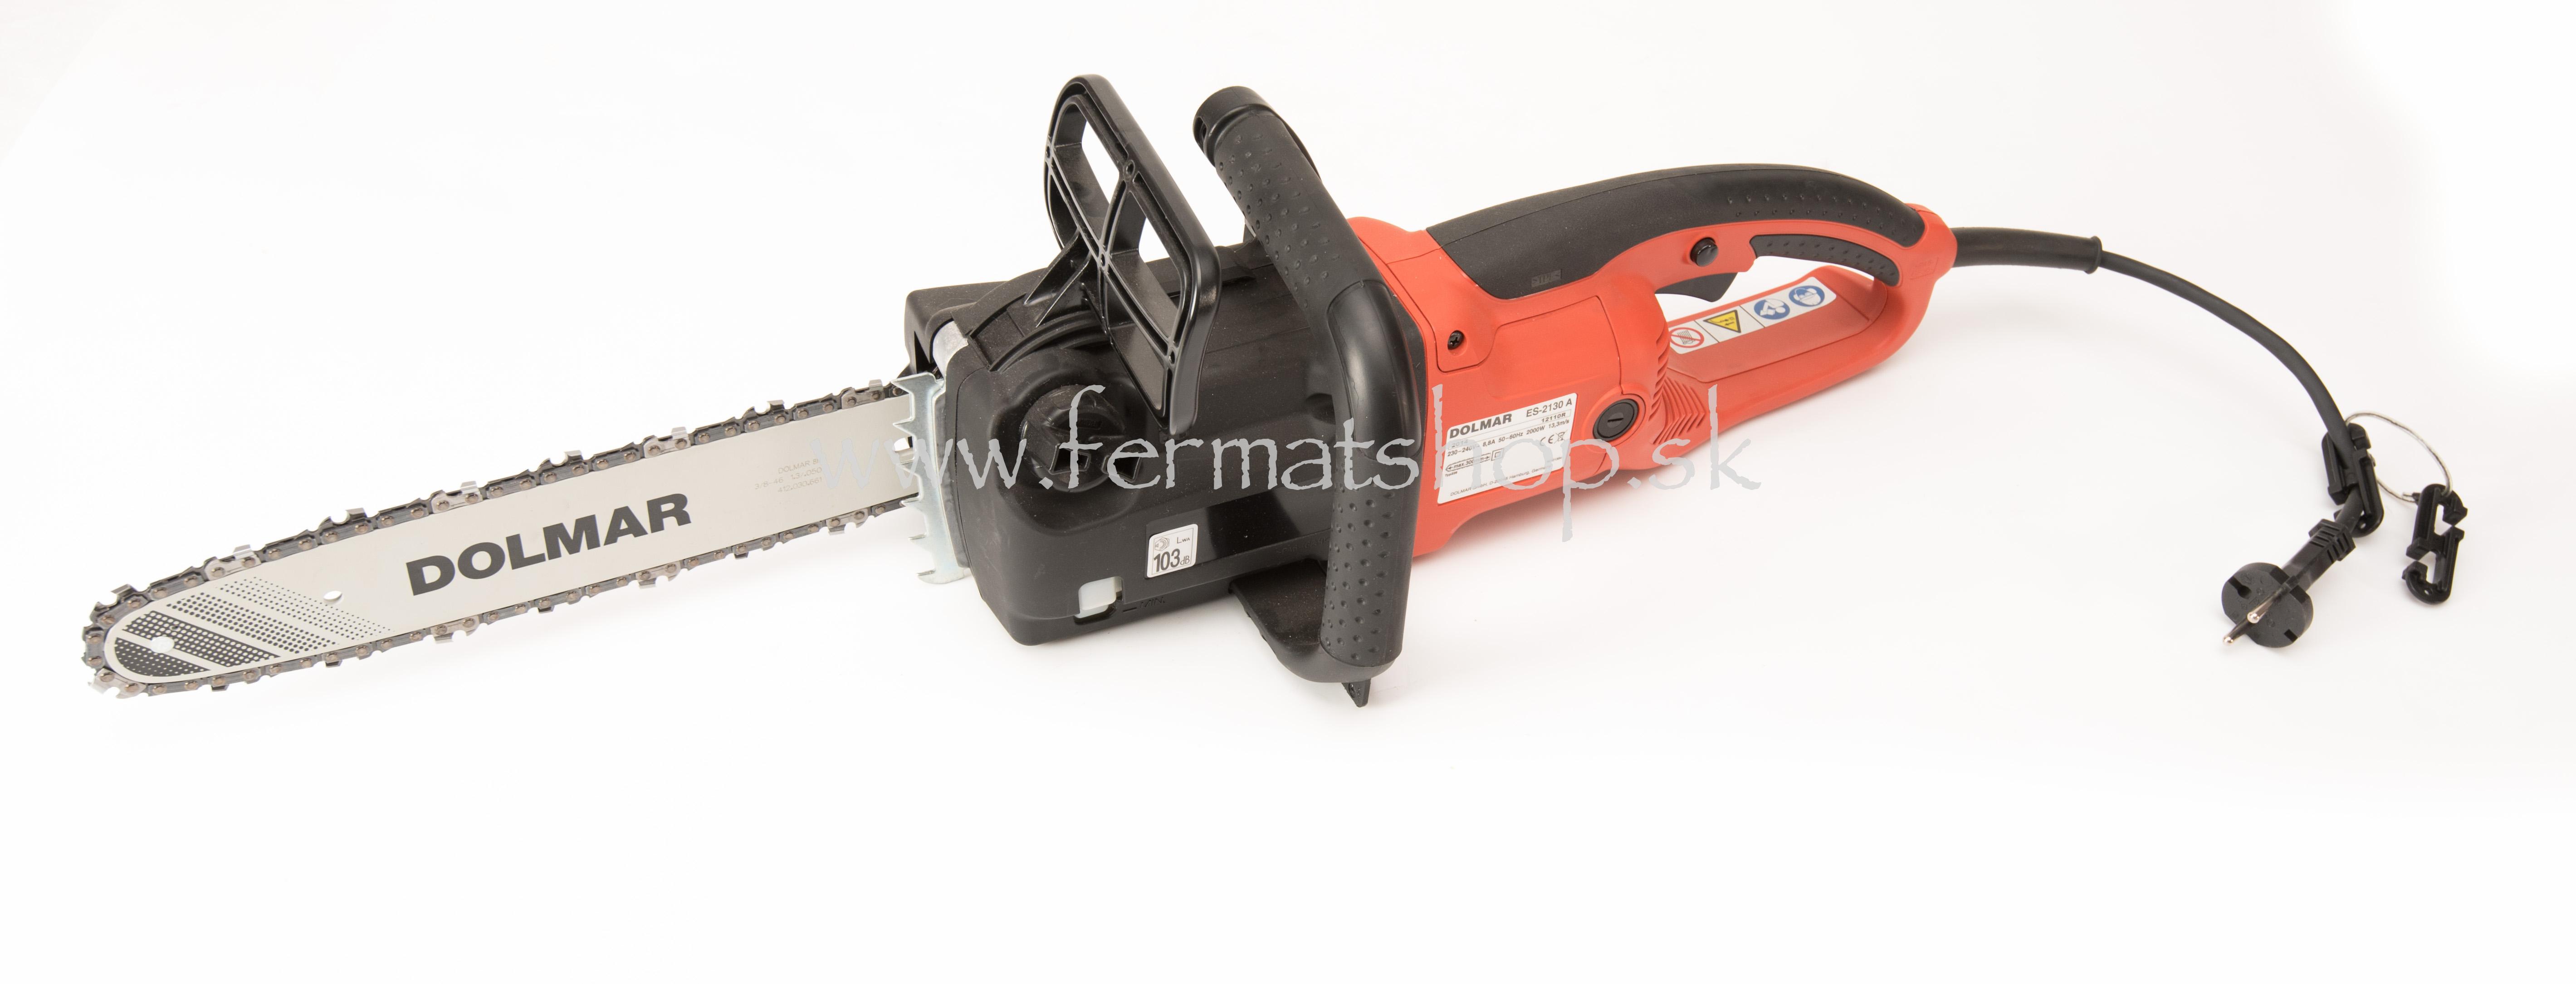 a565cd34f4465 Elektrická reťazová píla Dolmar ES-2130A - FERMAT SHOP